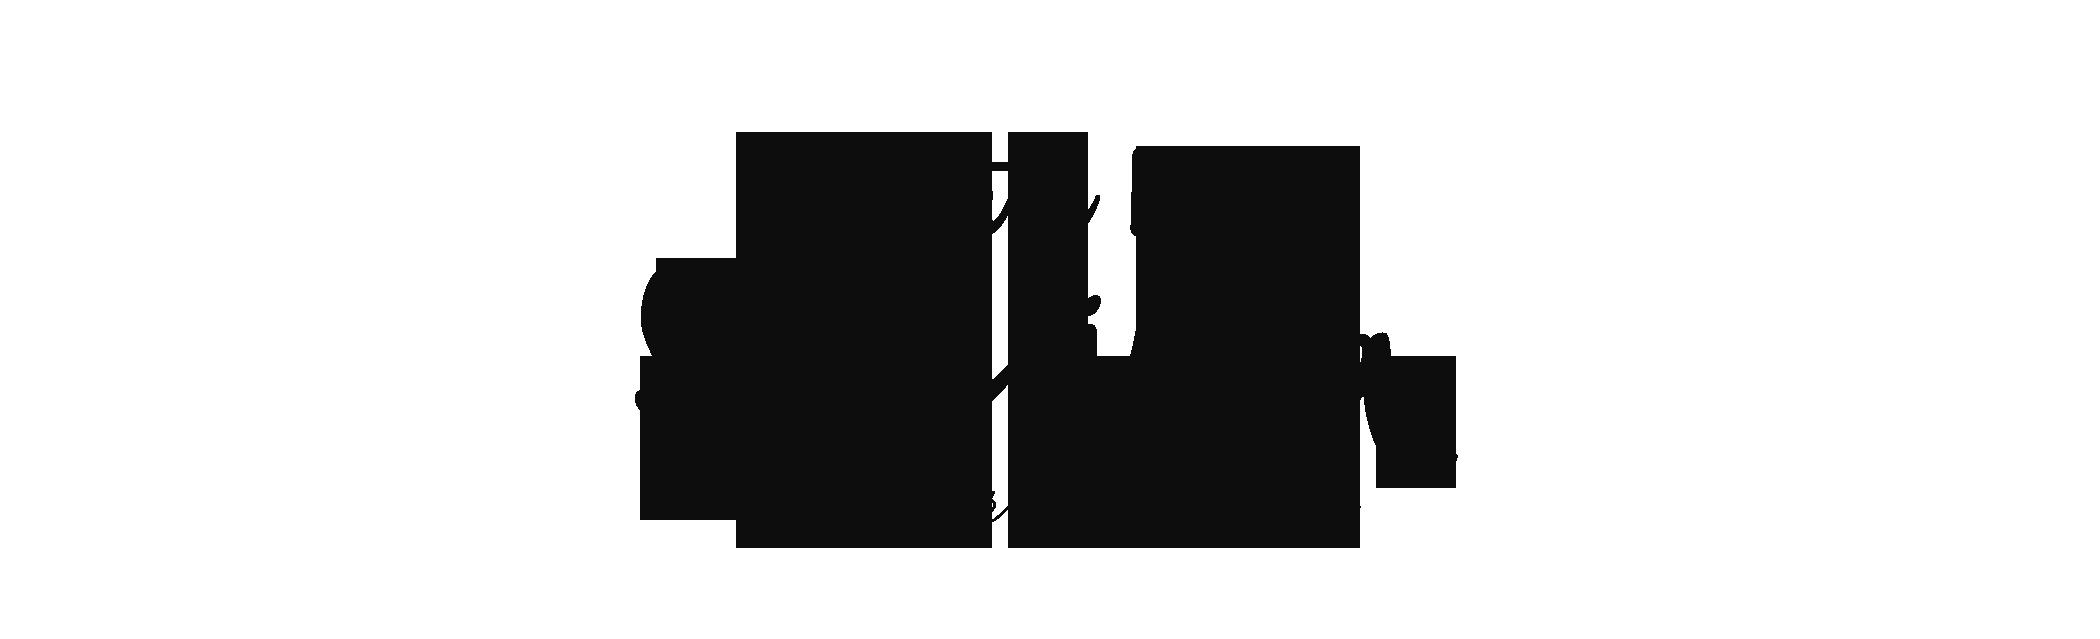 Sehziinha.com